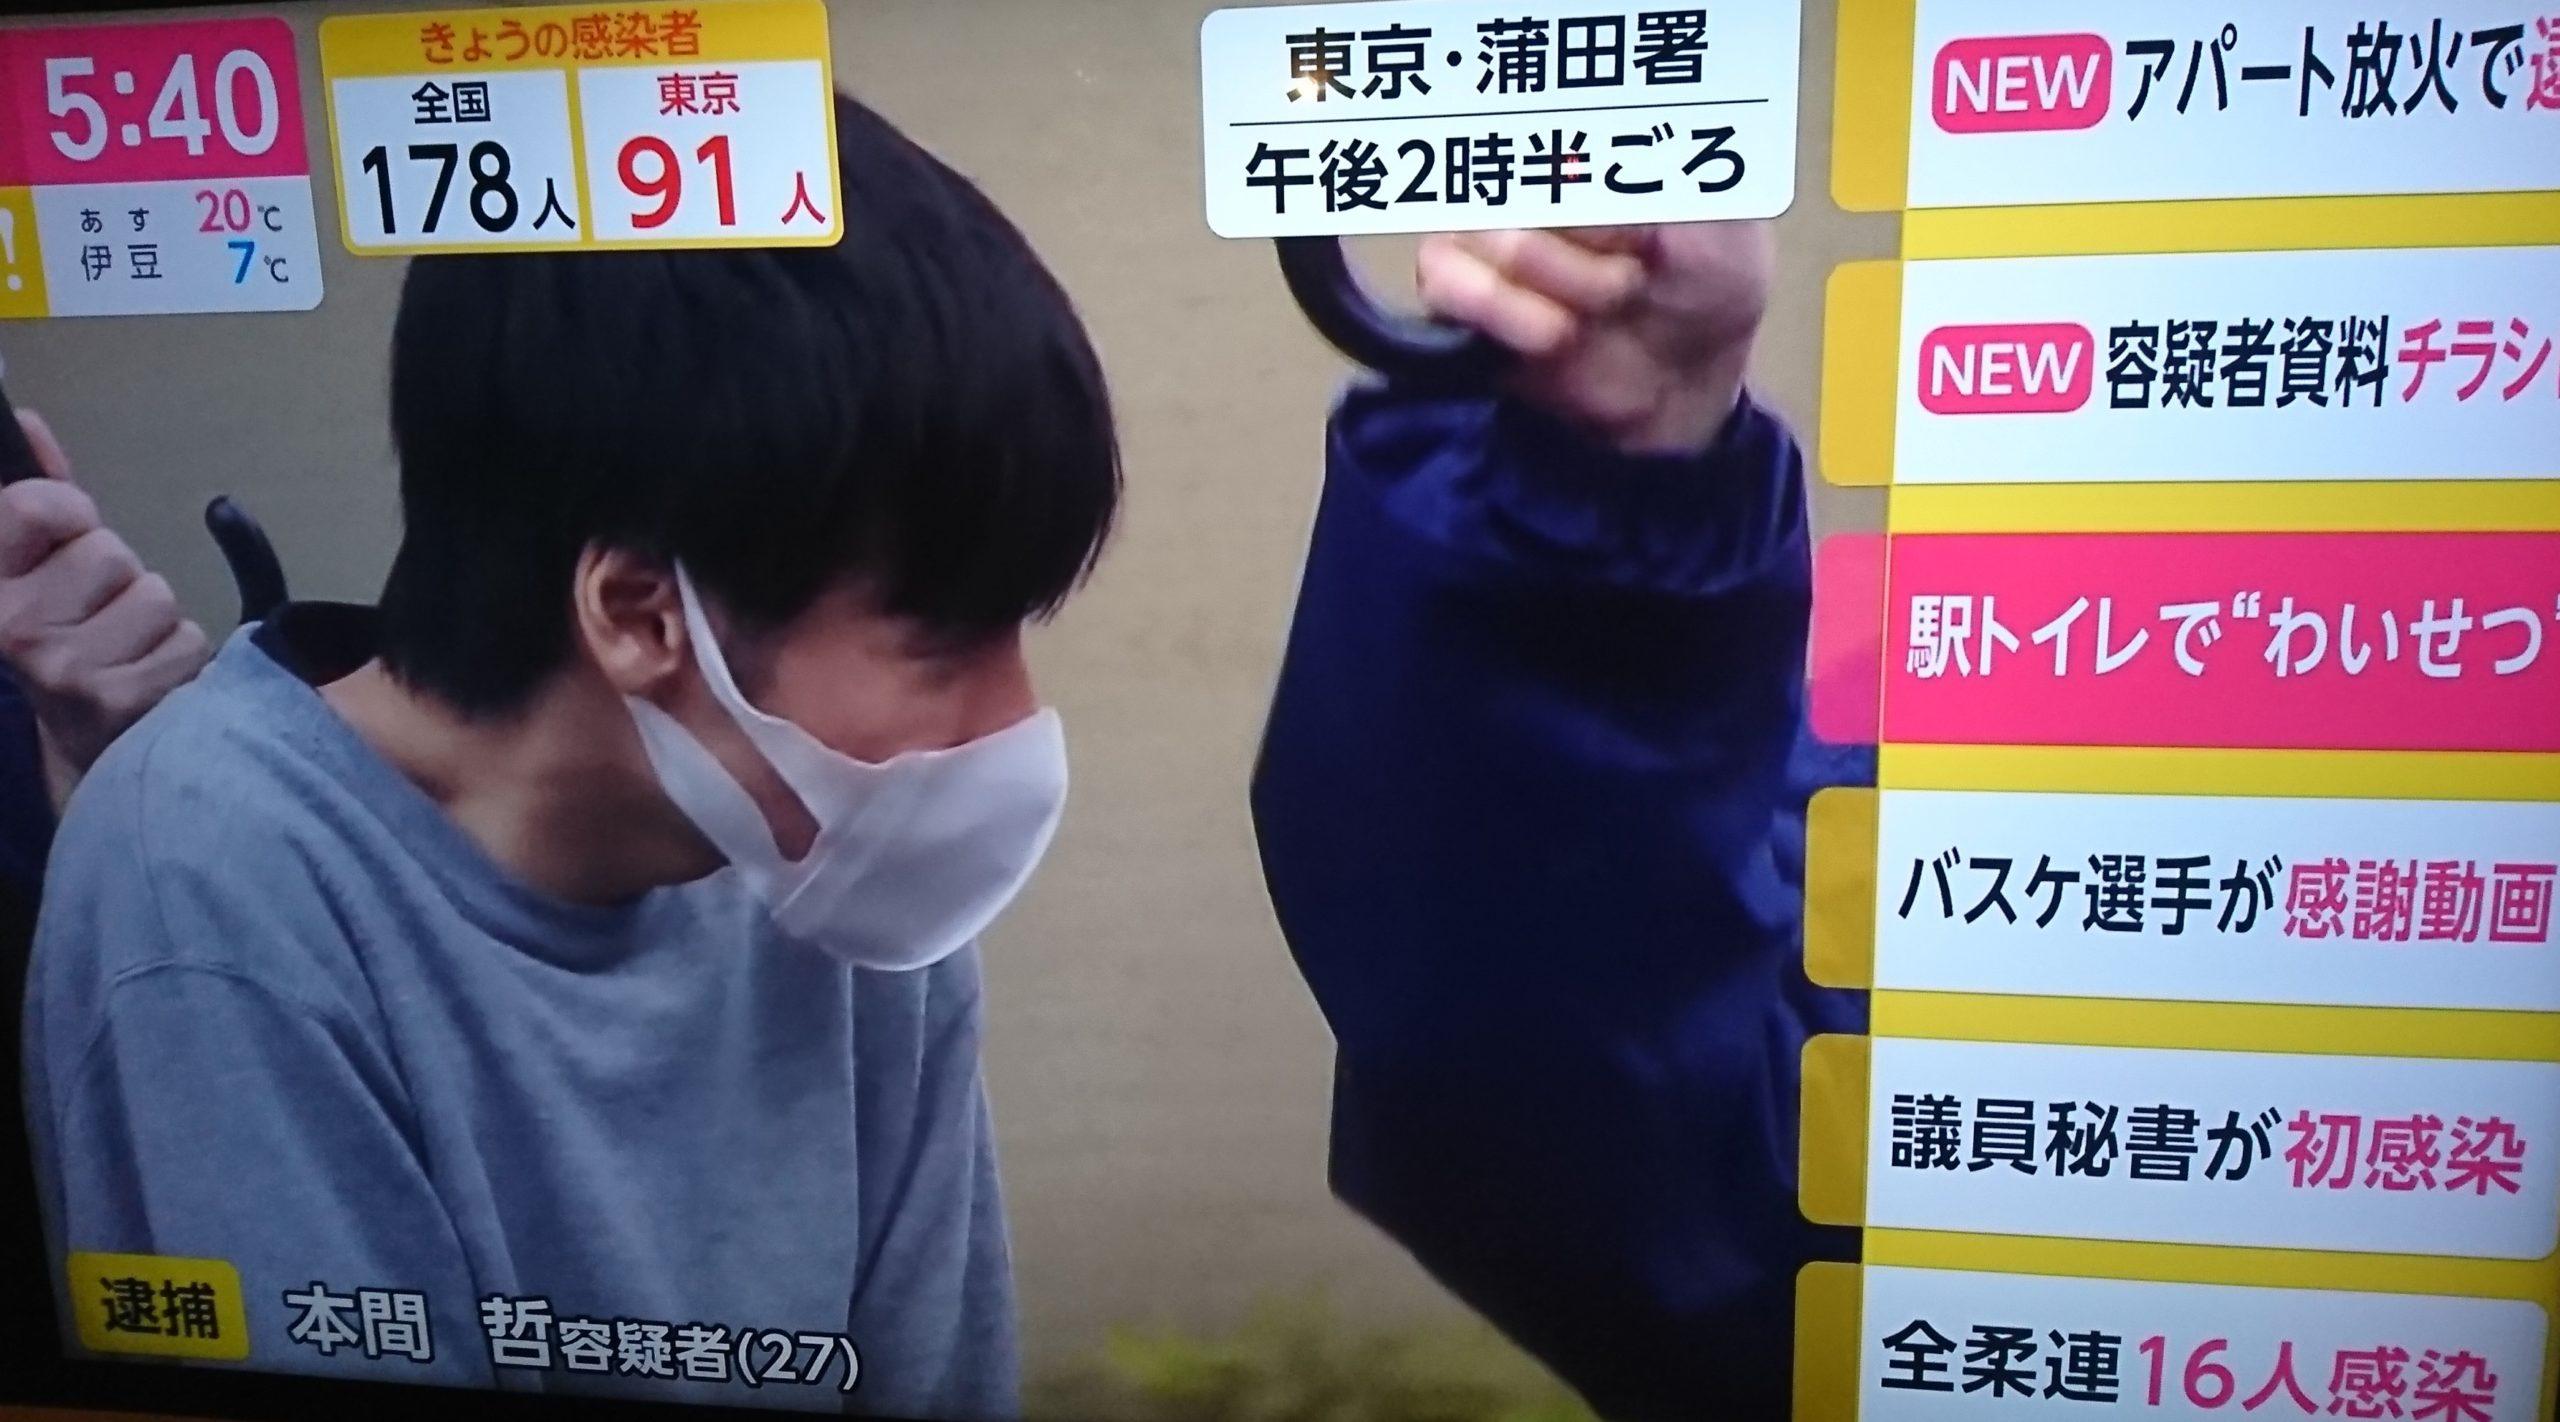 本間哲(あきら)容疑者顔画像!会社はどこ?プロフィール(Facebook・住所)